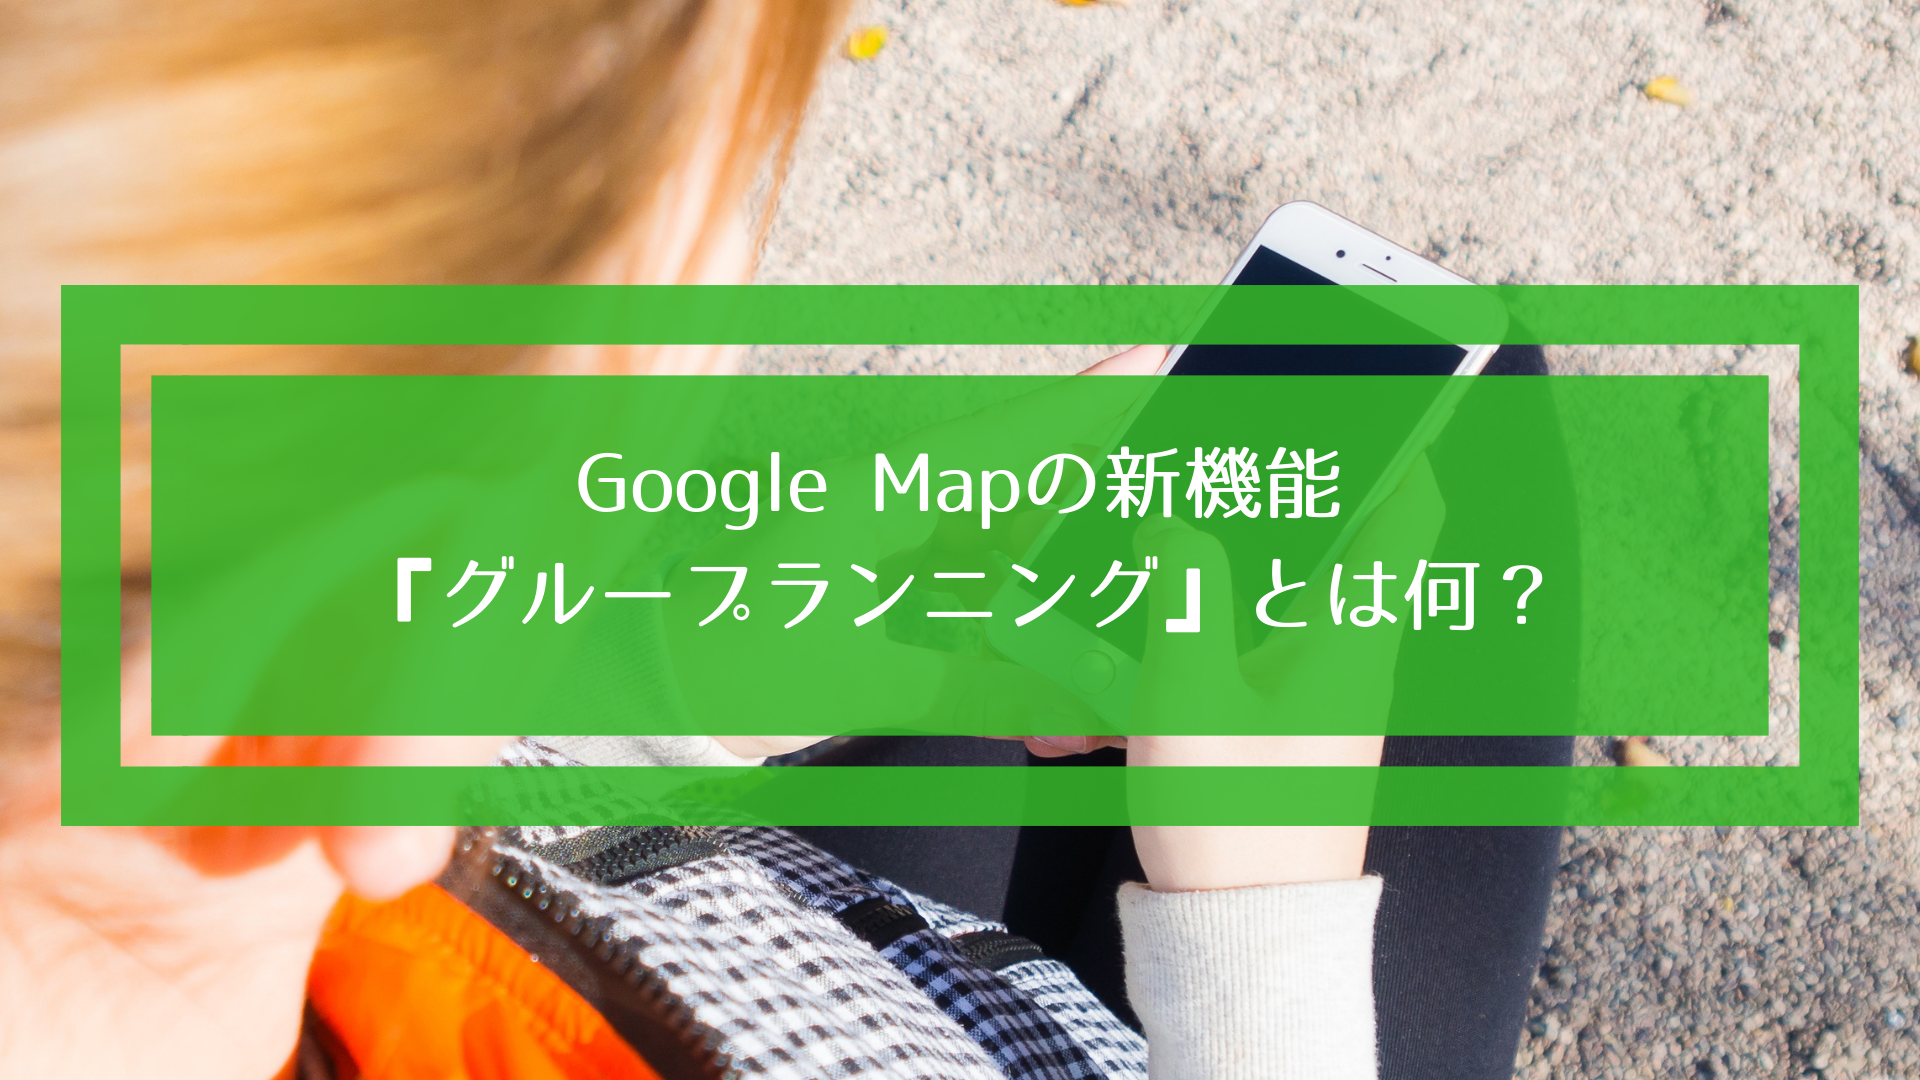 Google Mapの新機能『グループランニング』とは何?